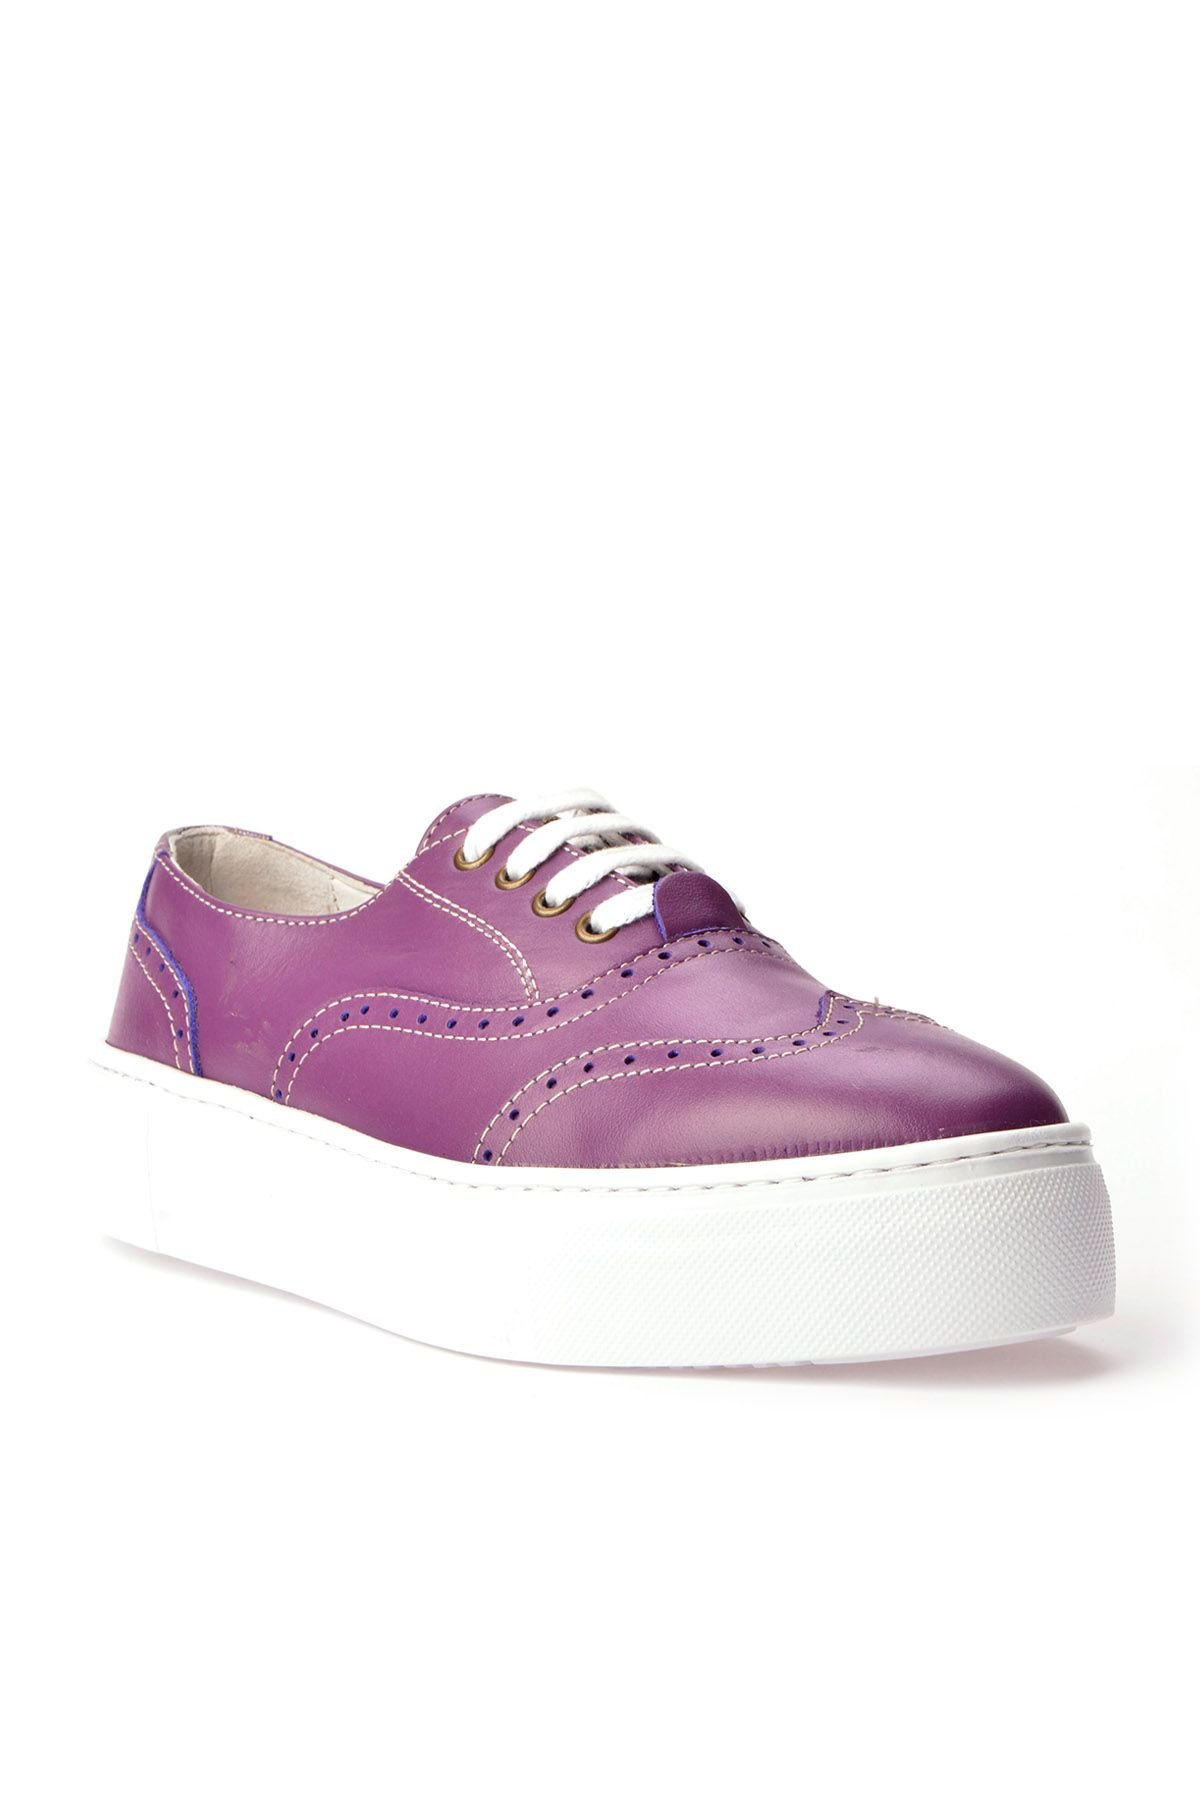 Pegia Chatalet Hakiki Deri Bayan Oxford Ayakkabı REC-014 Mor